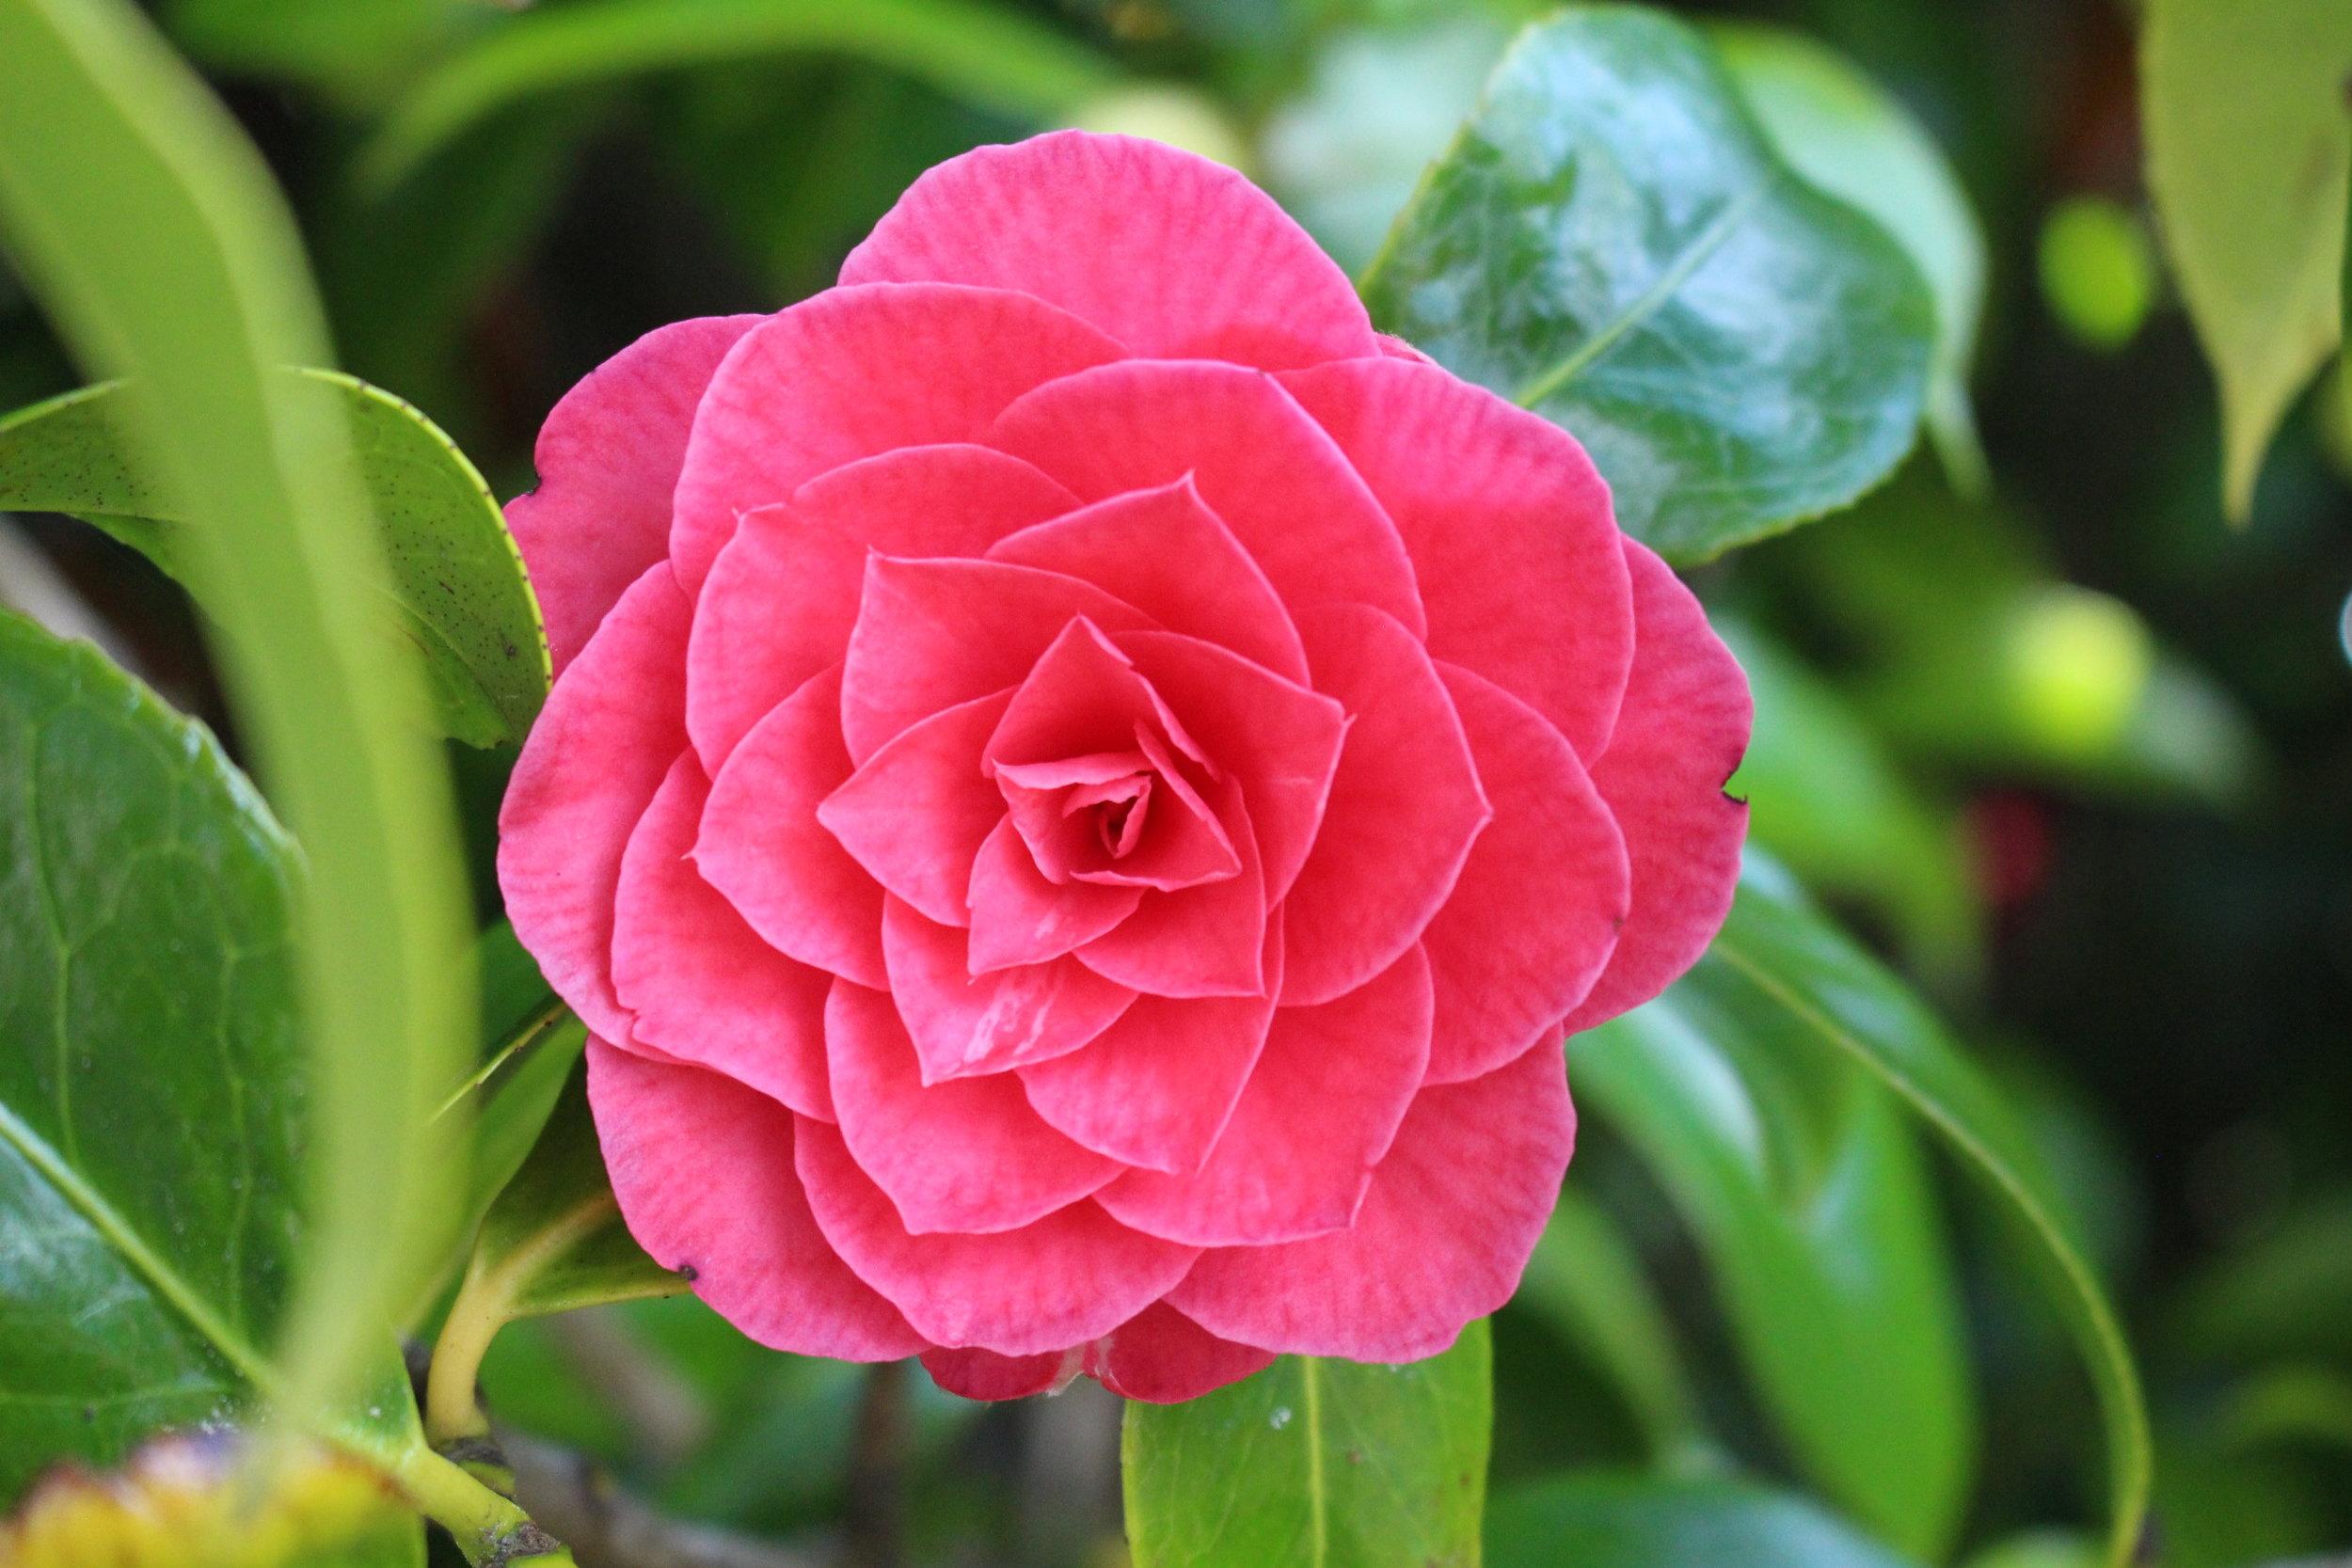 #152 Camelia, Camellia japonica